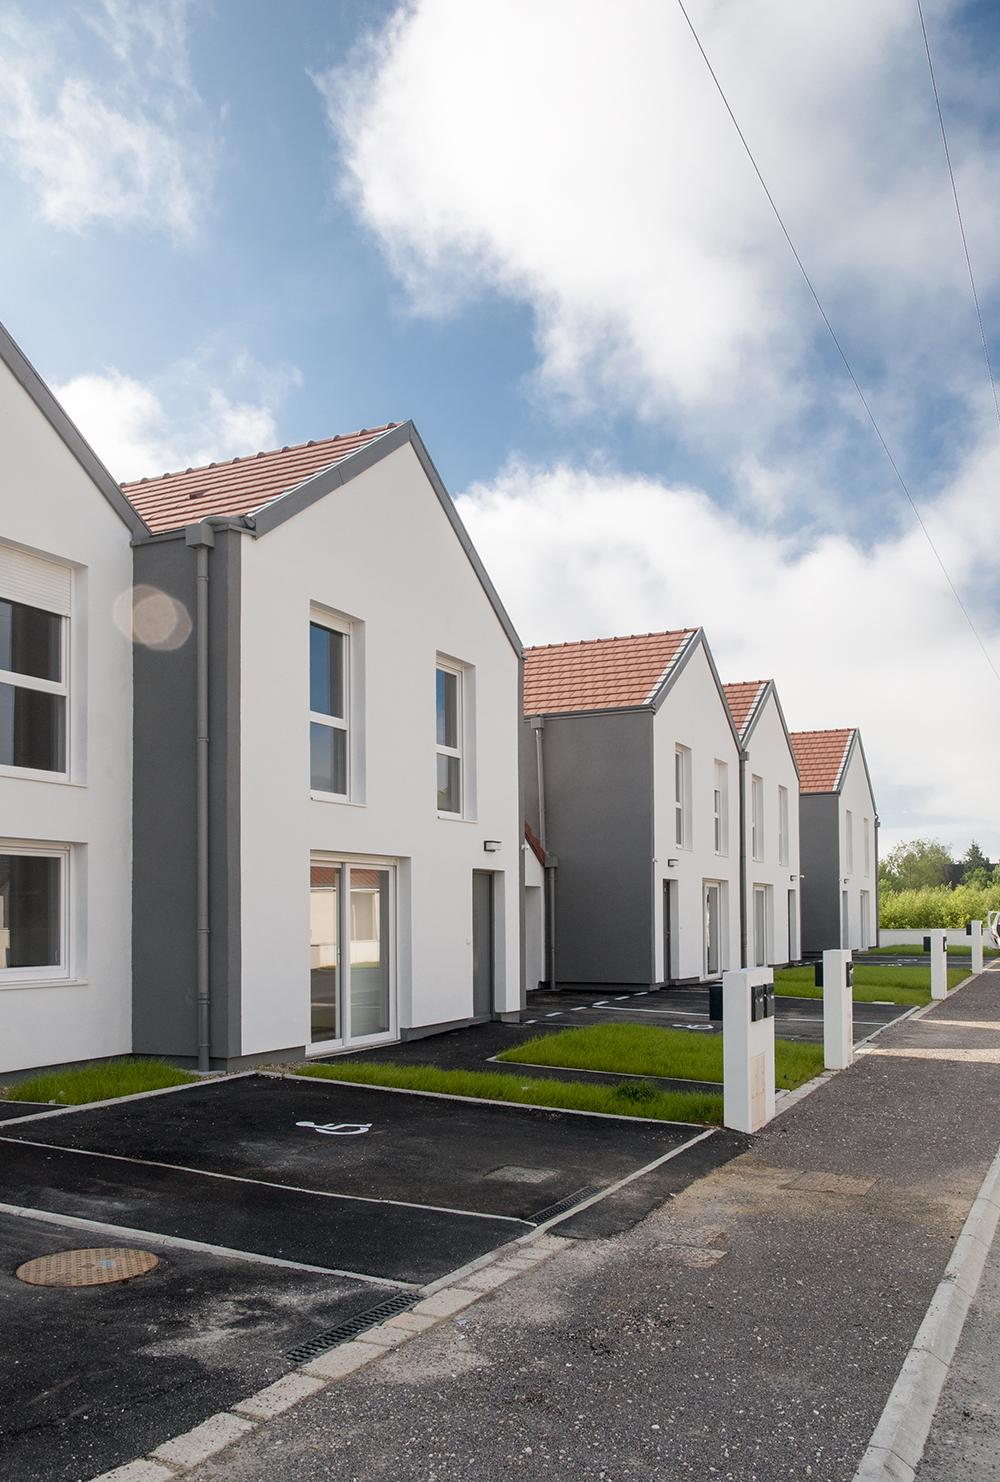 Chouette-architecture-7-logements-en-bande-Collonges-les-premières-1000-13